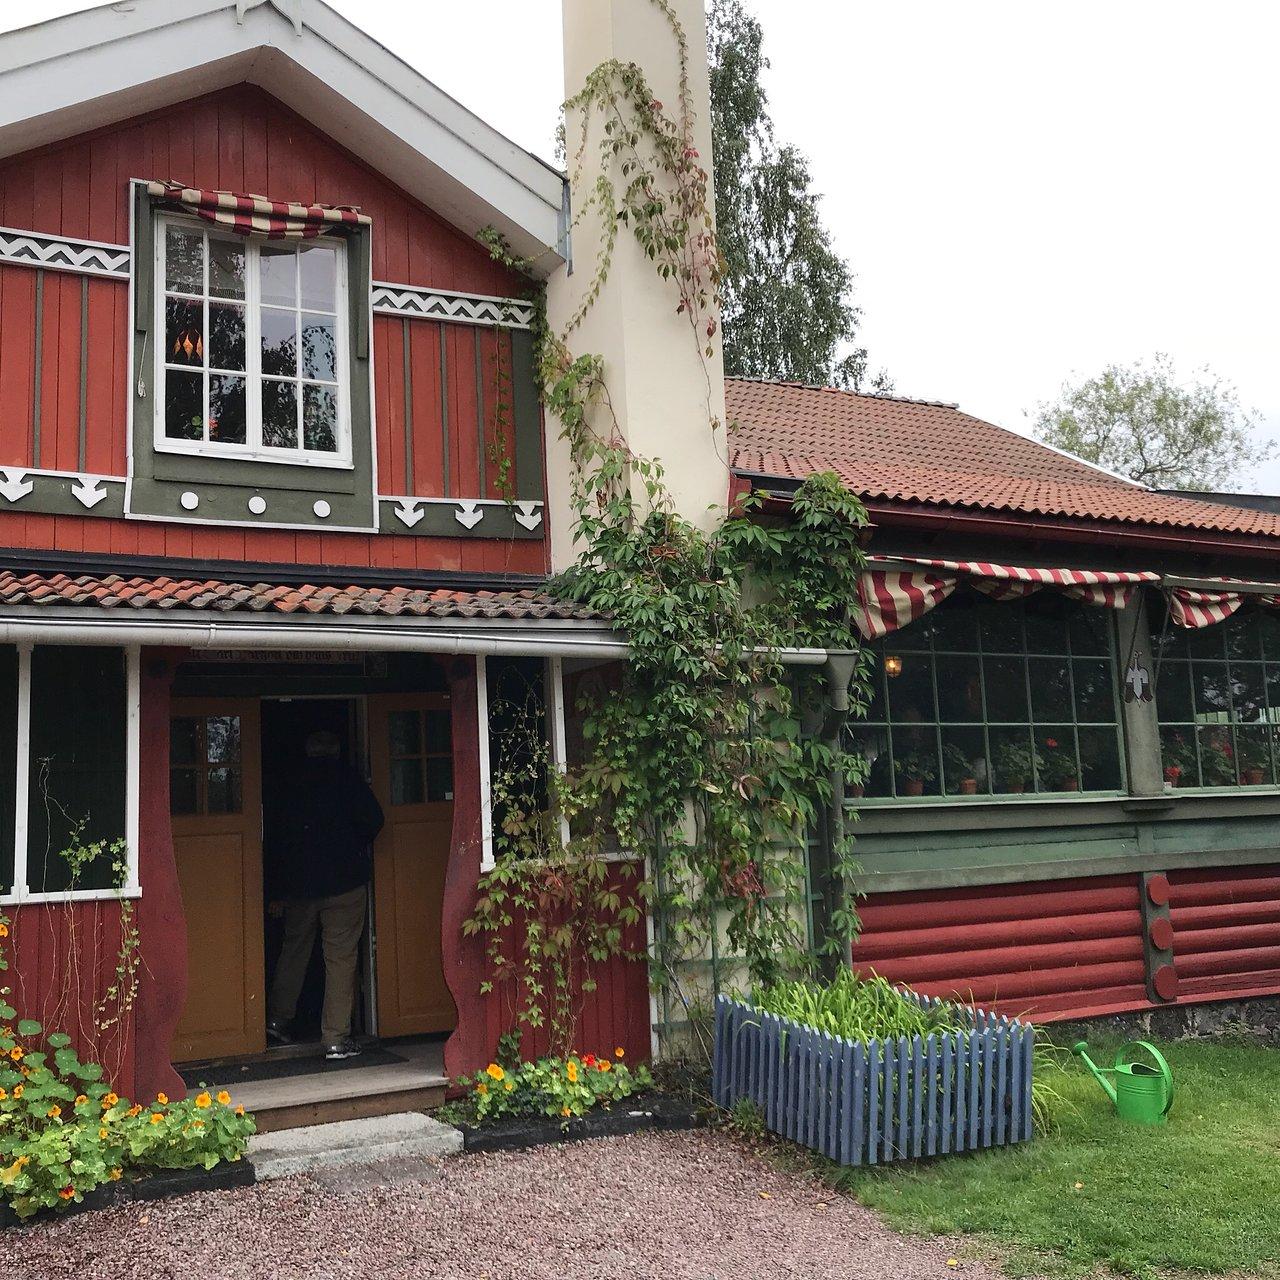 SUNDBORNSBYN - Dalarnas museum